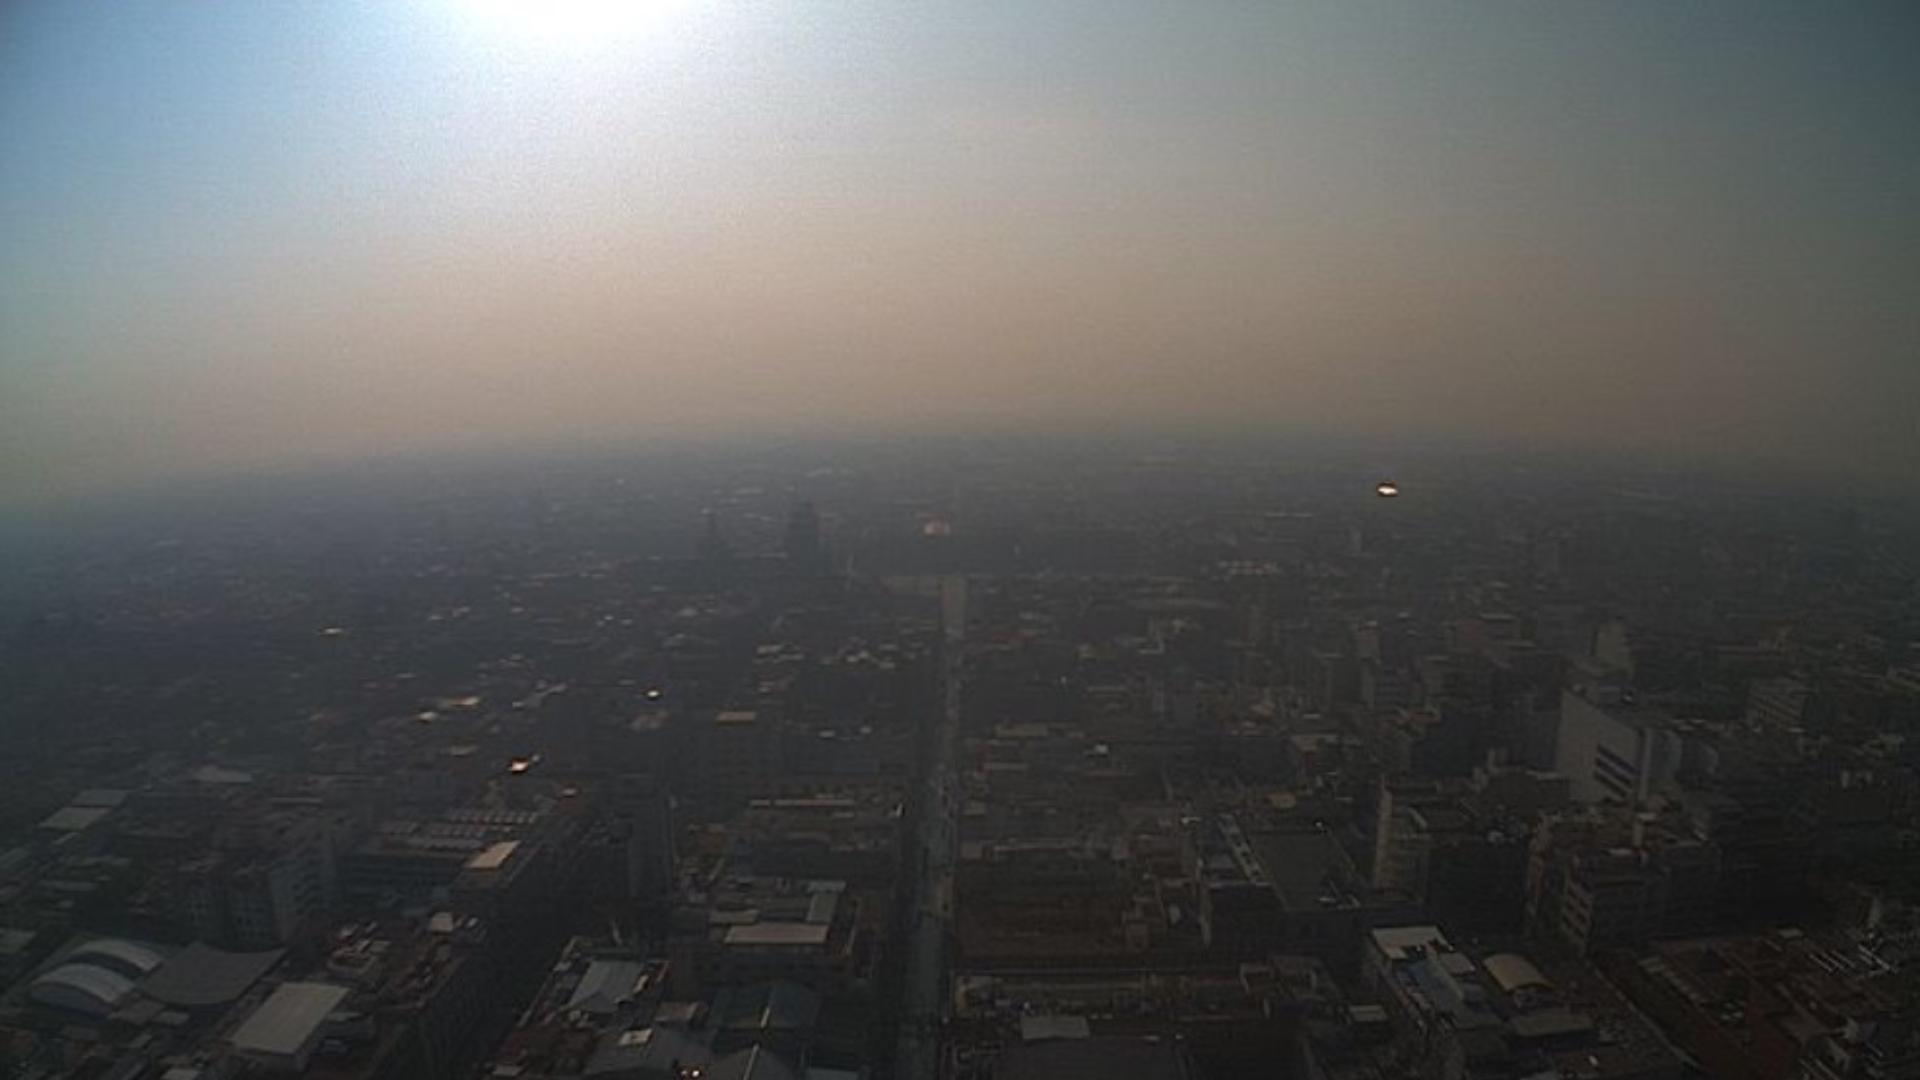 El contaminante más temido es la partícula PM 2.5 (Foto: Twitter – @SkyAlertStorm)